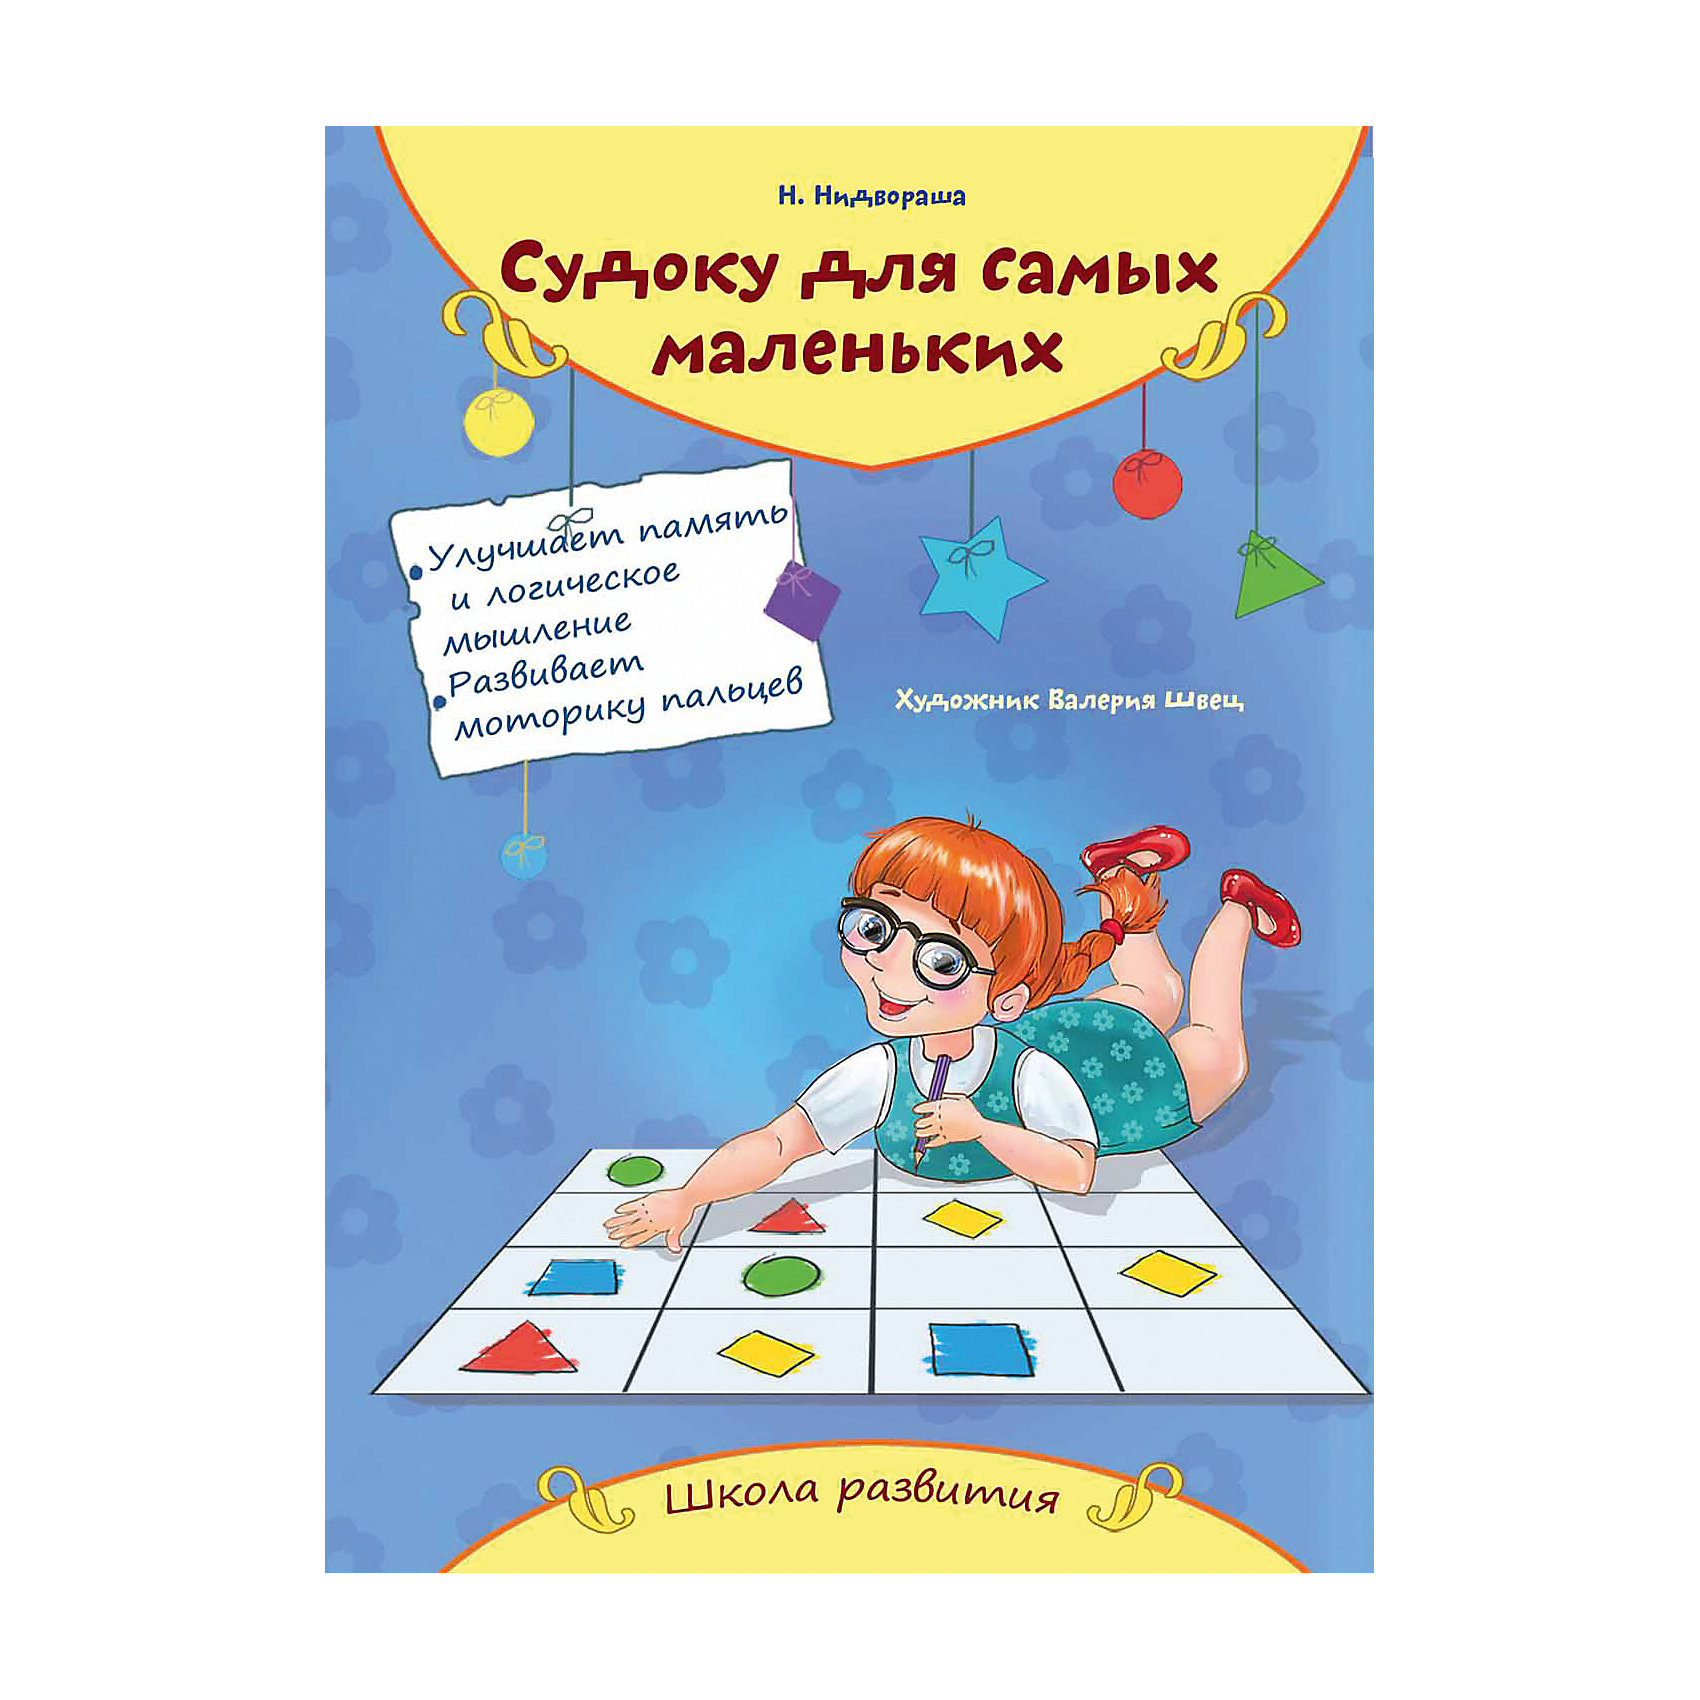 Судоку для самых маленькихФеникс<br>Судоку для самых маленьких – эта книга с яркими иллюстрациями, наклейками и понятными для малыша заданиями.<br>Книга «Судоку для самых маленьких» будет интересна вашим детям. Благодаря простым правилам, ярким иллюстрациям и наклейкам вы сможете надолго увлечь своего ребенка. Судоку - это игра развивает логику, память и мелкую моторику.<br><br>Дополнительная информация:<br><br>- Автор: Нидвораша Н.<br>- Художник: Швец Валерия<br>- Редактор: Логвинова Г.<br>- Издательство: Феникс-Премьер, 2015 г.<br>- Серия: Школа развития<br>- Тип обложки: мягкий переплет (крепление скрепкой или клеем)<br>- Оформление: с наклейками<br>- Иллюстрации: цветные<br>- Количество страниц: 16 (офсет)<br>- Размер: 235x135x4 мм.<br>- Вес: 56 гр.<br><br>Книгу «Судоку для самых маленьких» можно купить в нашем интернет-магазине.<br><br>Ширина мм: 165<br>Глубина мм: 1<br>Высота мм: 235<br>Вес г: 60<br>Возраст от месяцев: 72<br>Возраст до месяцев: 96<br>Пол: Унисекс<br>Возраст: Детский<br>SKU: 4637813